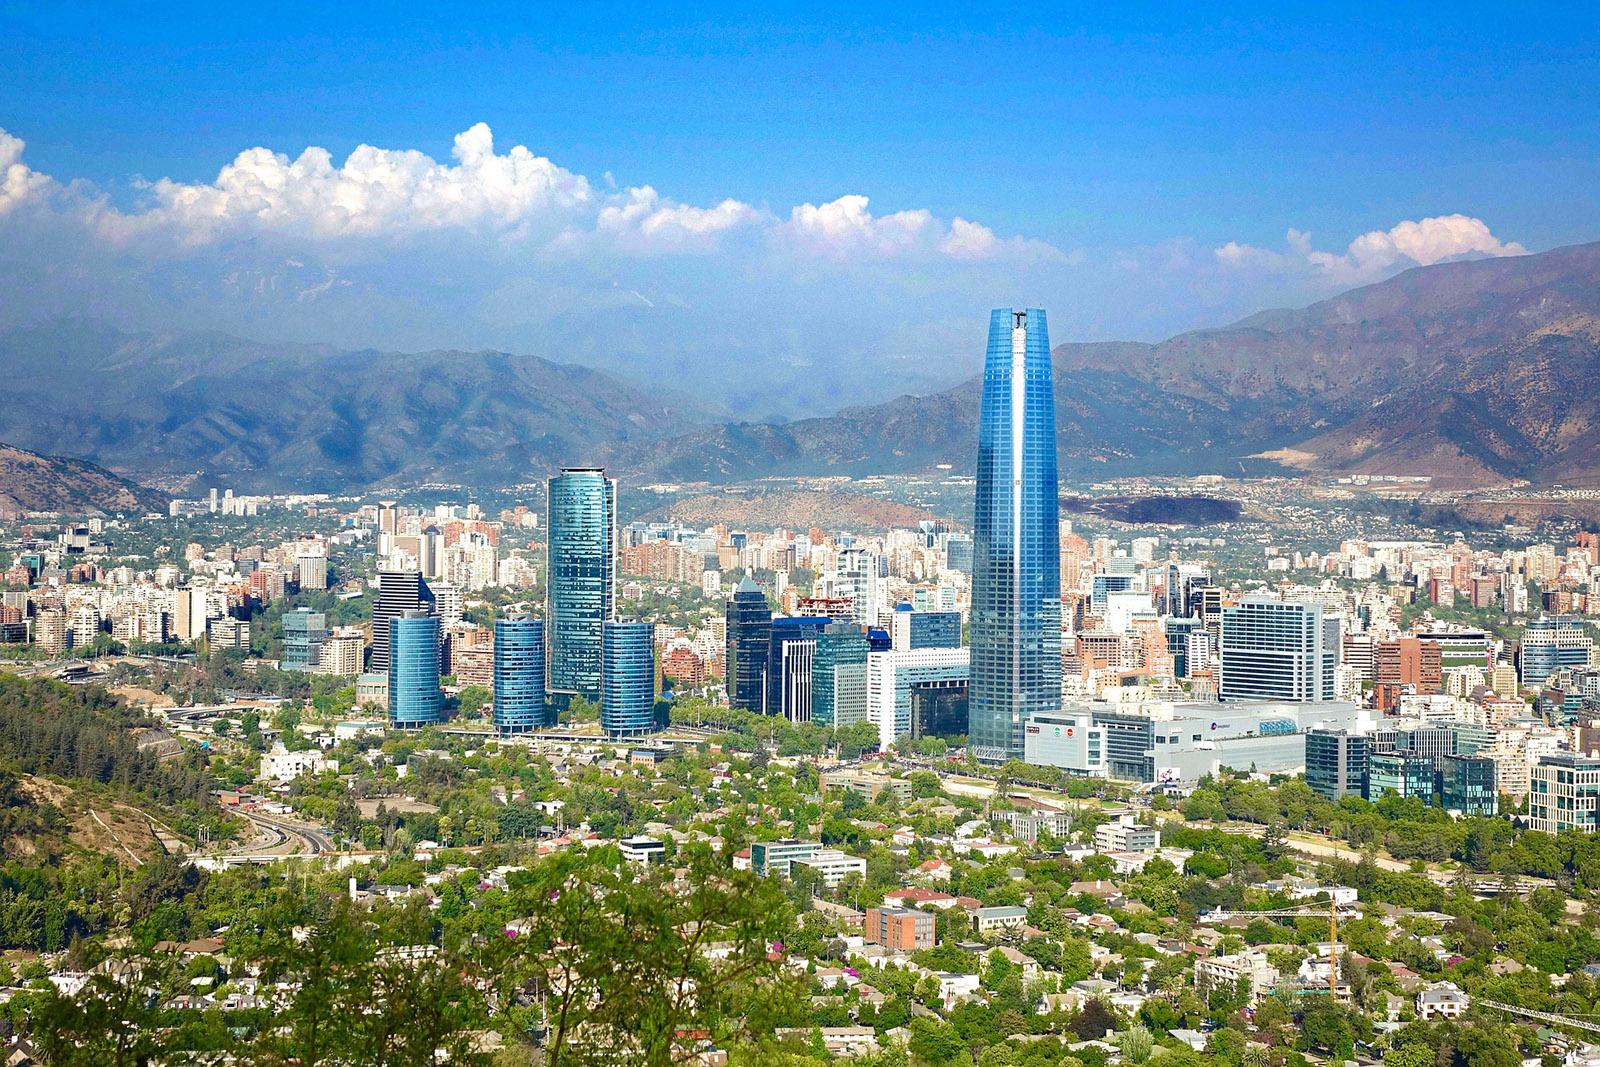 Santiago és környéke, ahol a bohém és a klasszikus találkozik